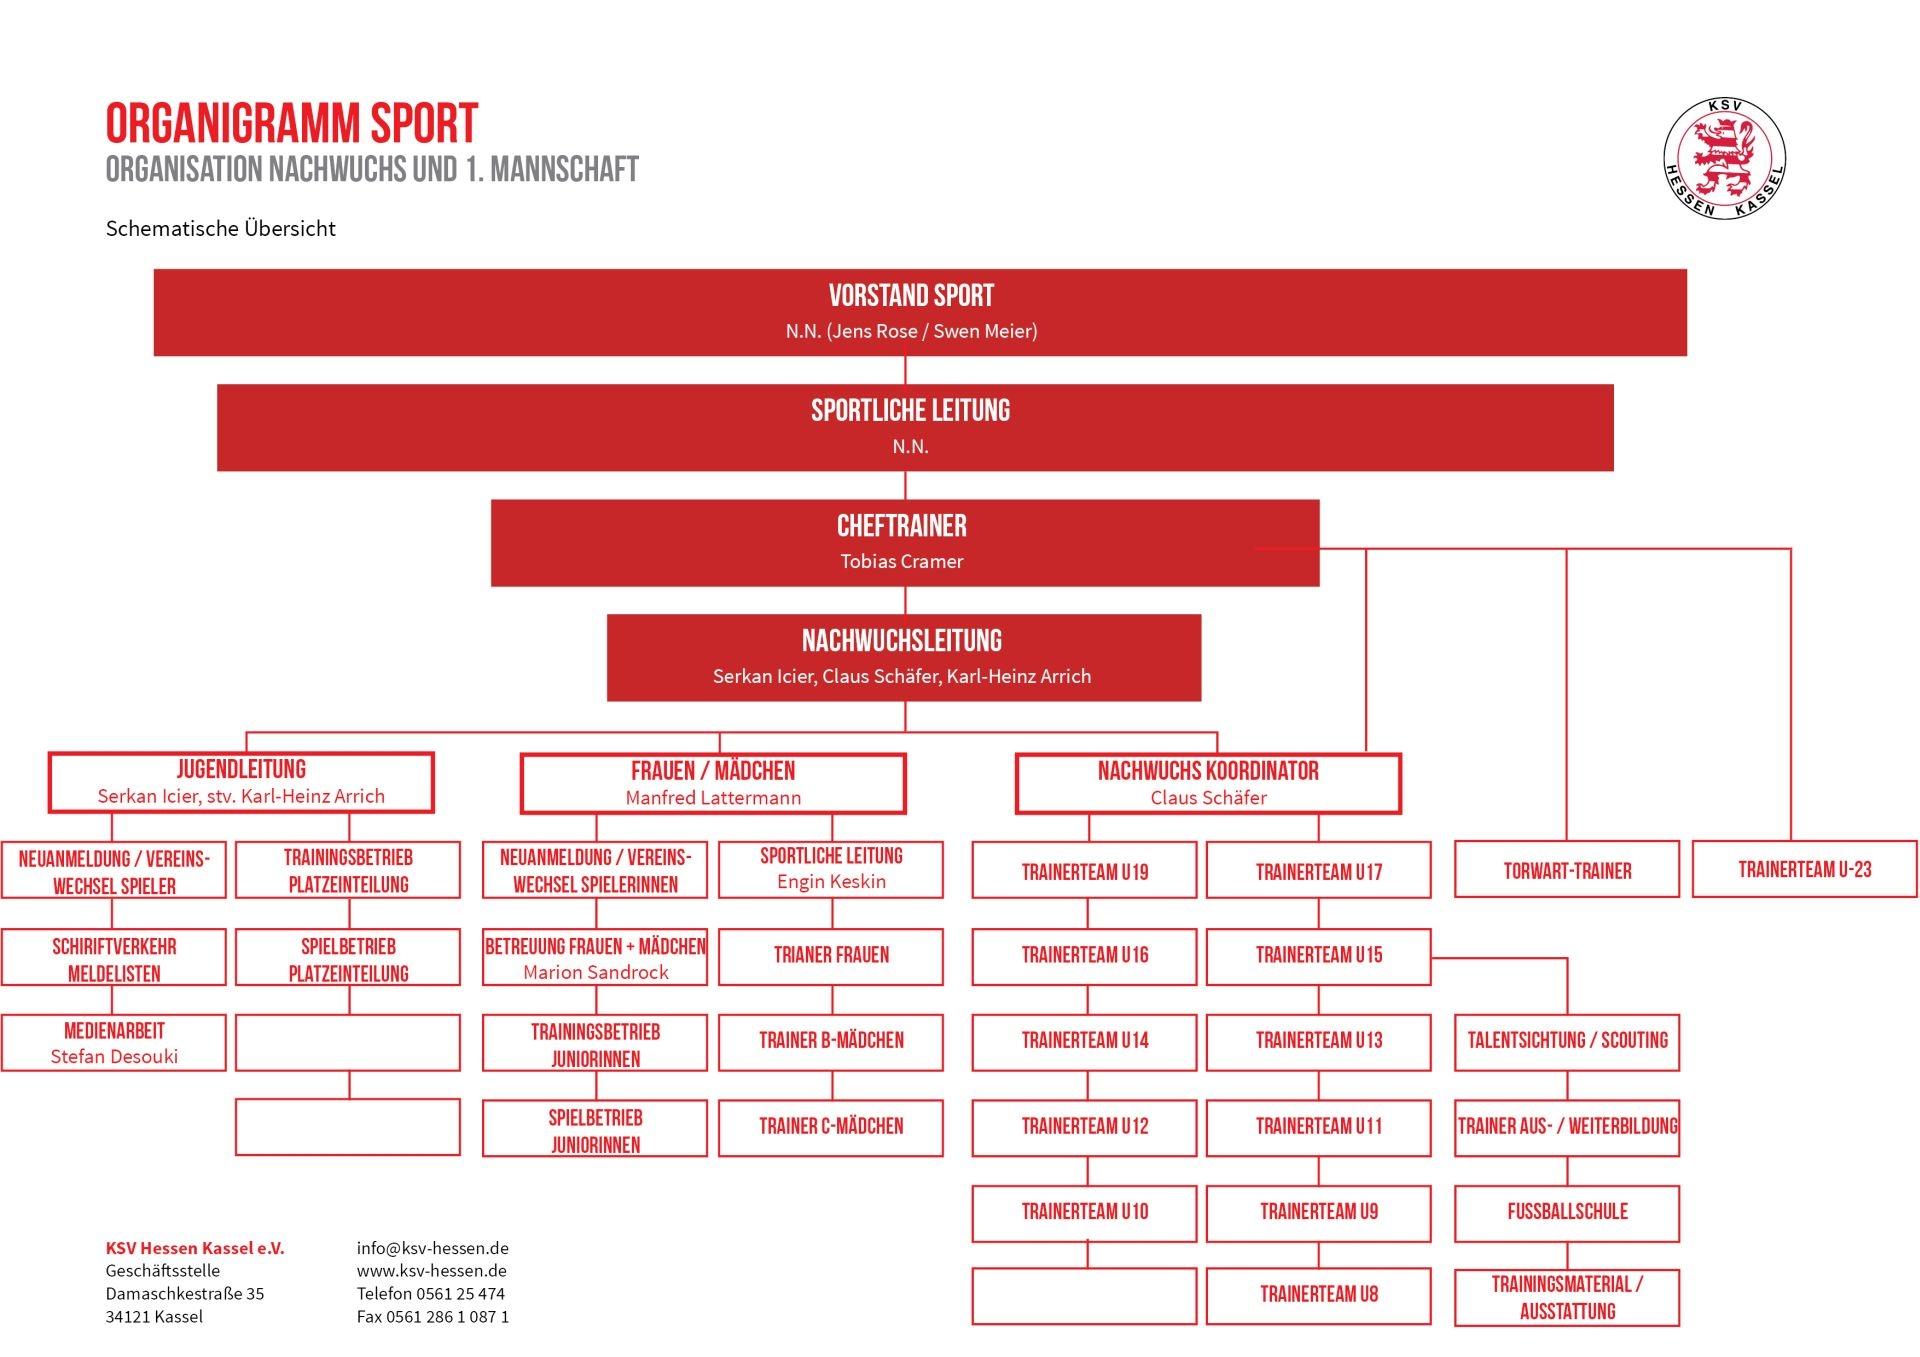 Organigramm im Bereich Sport